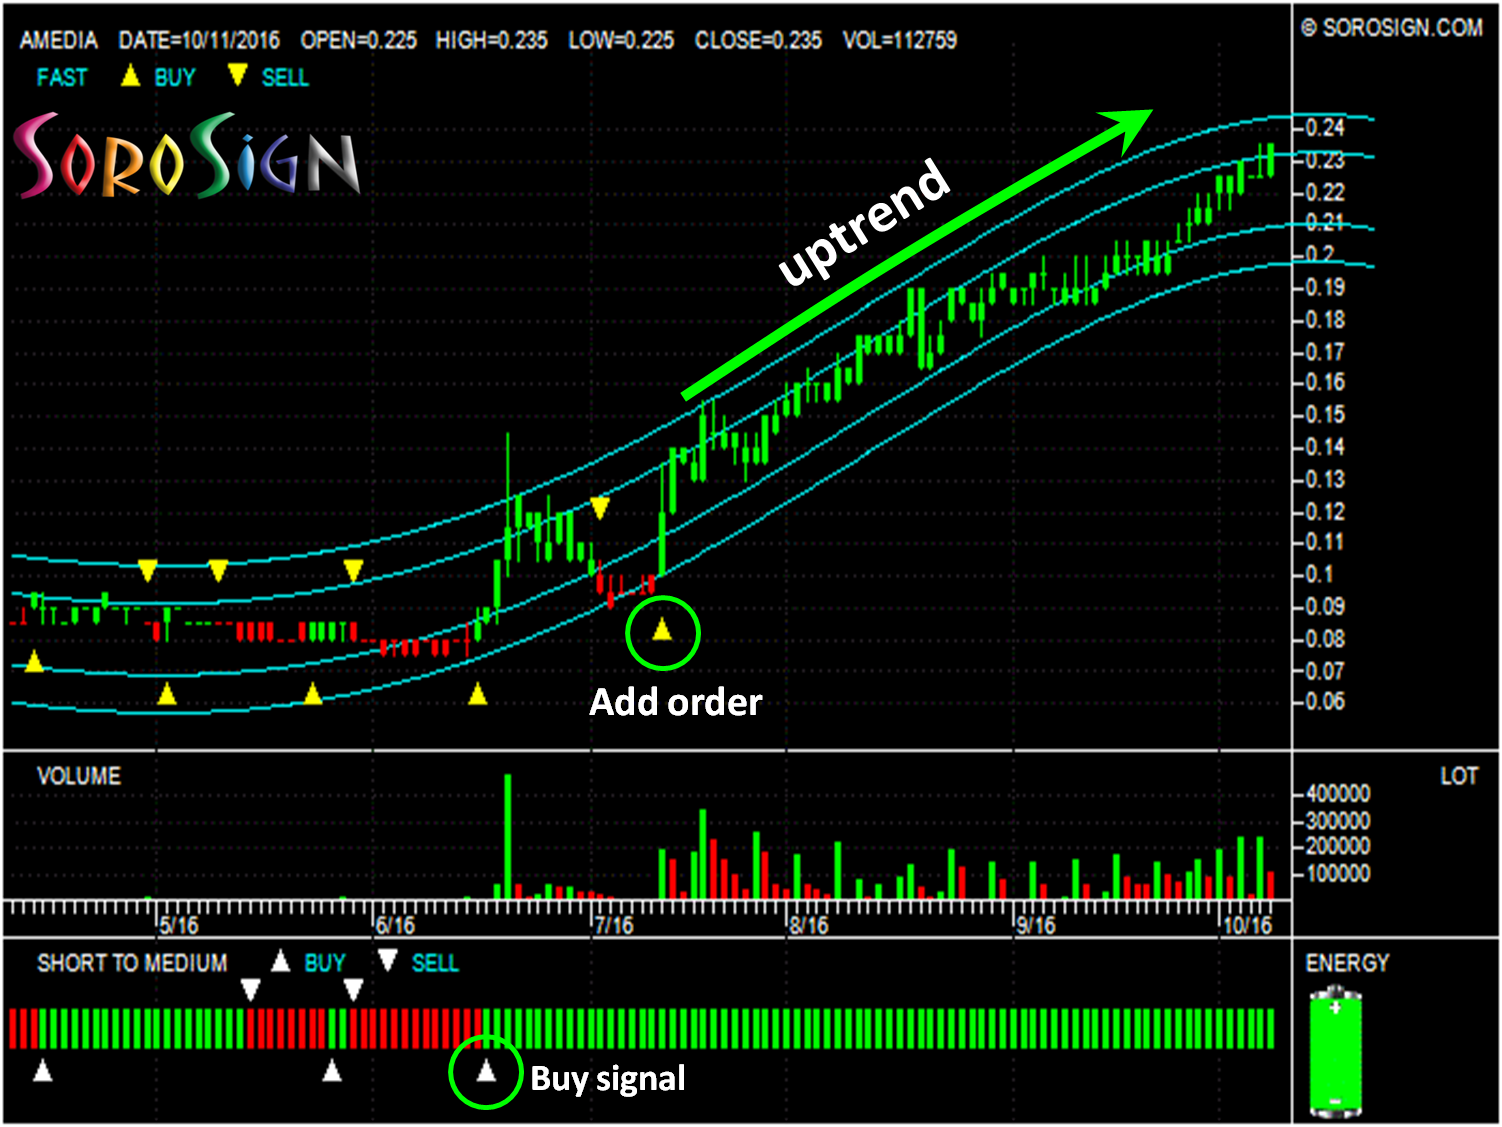 Latest technical chart analysis on Malaysia Stock: AMEDIA 0159